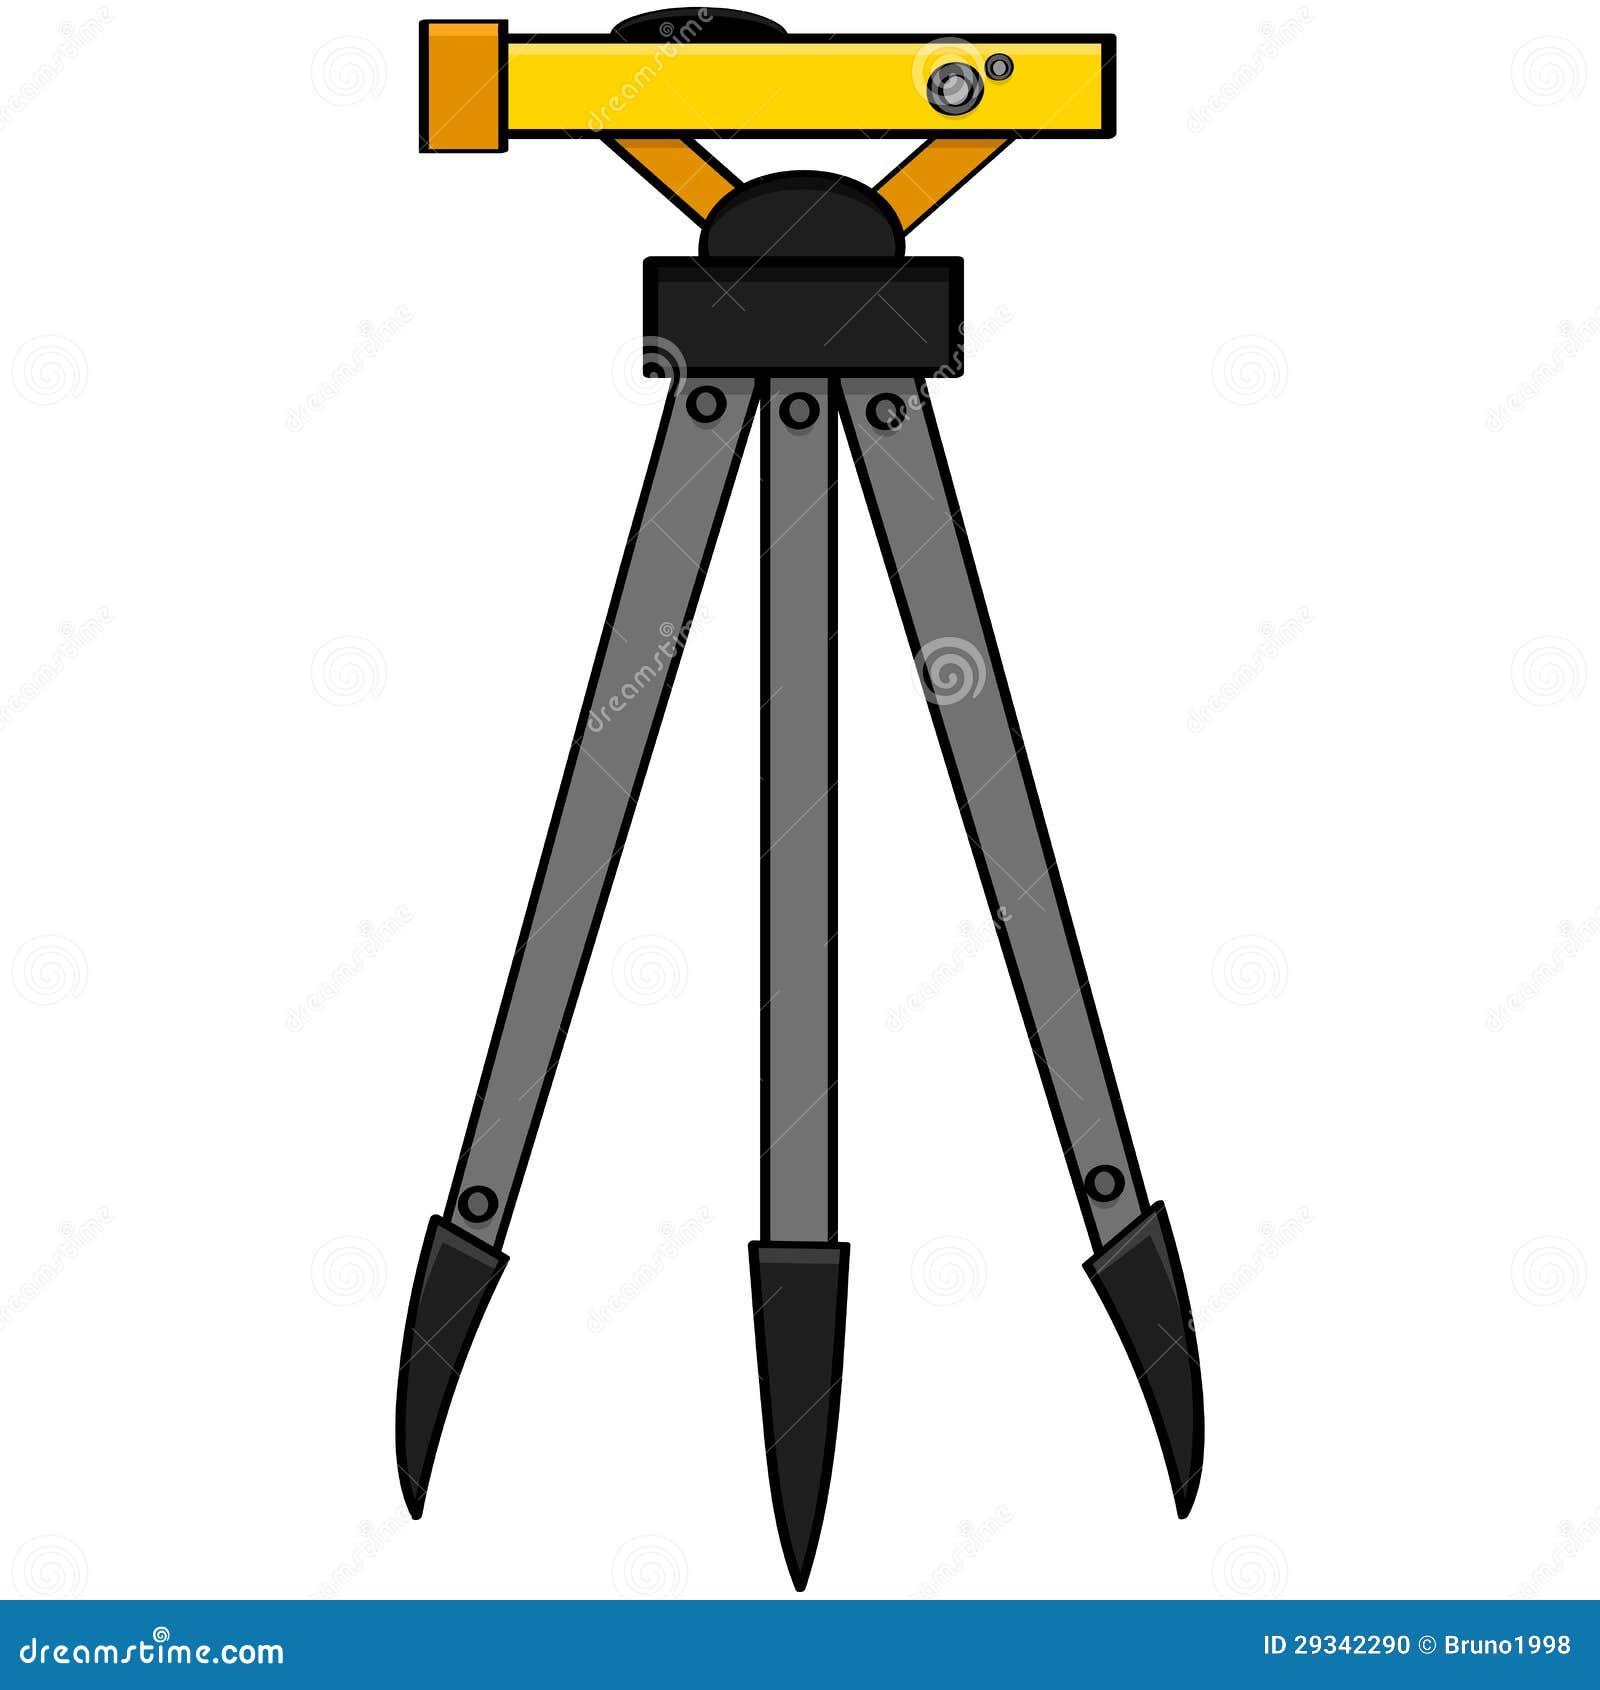 Surveying Tool Stock Photo - Image: 29342290